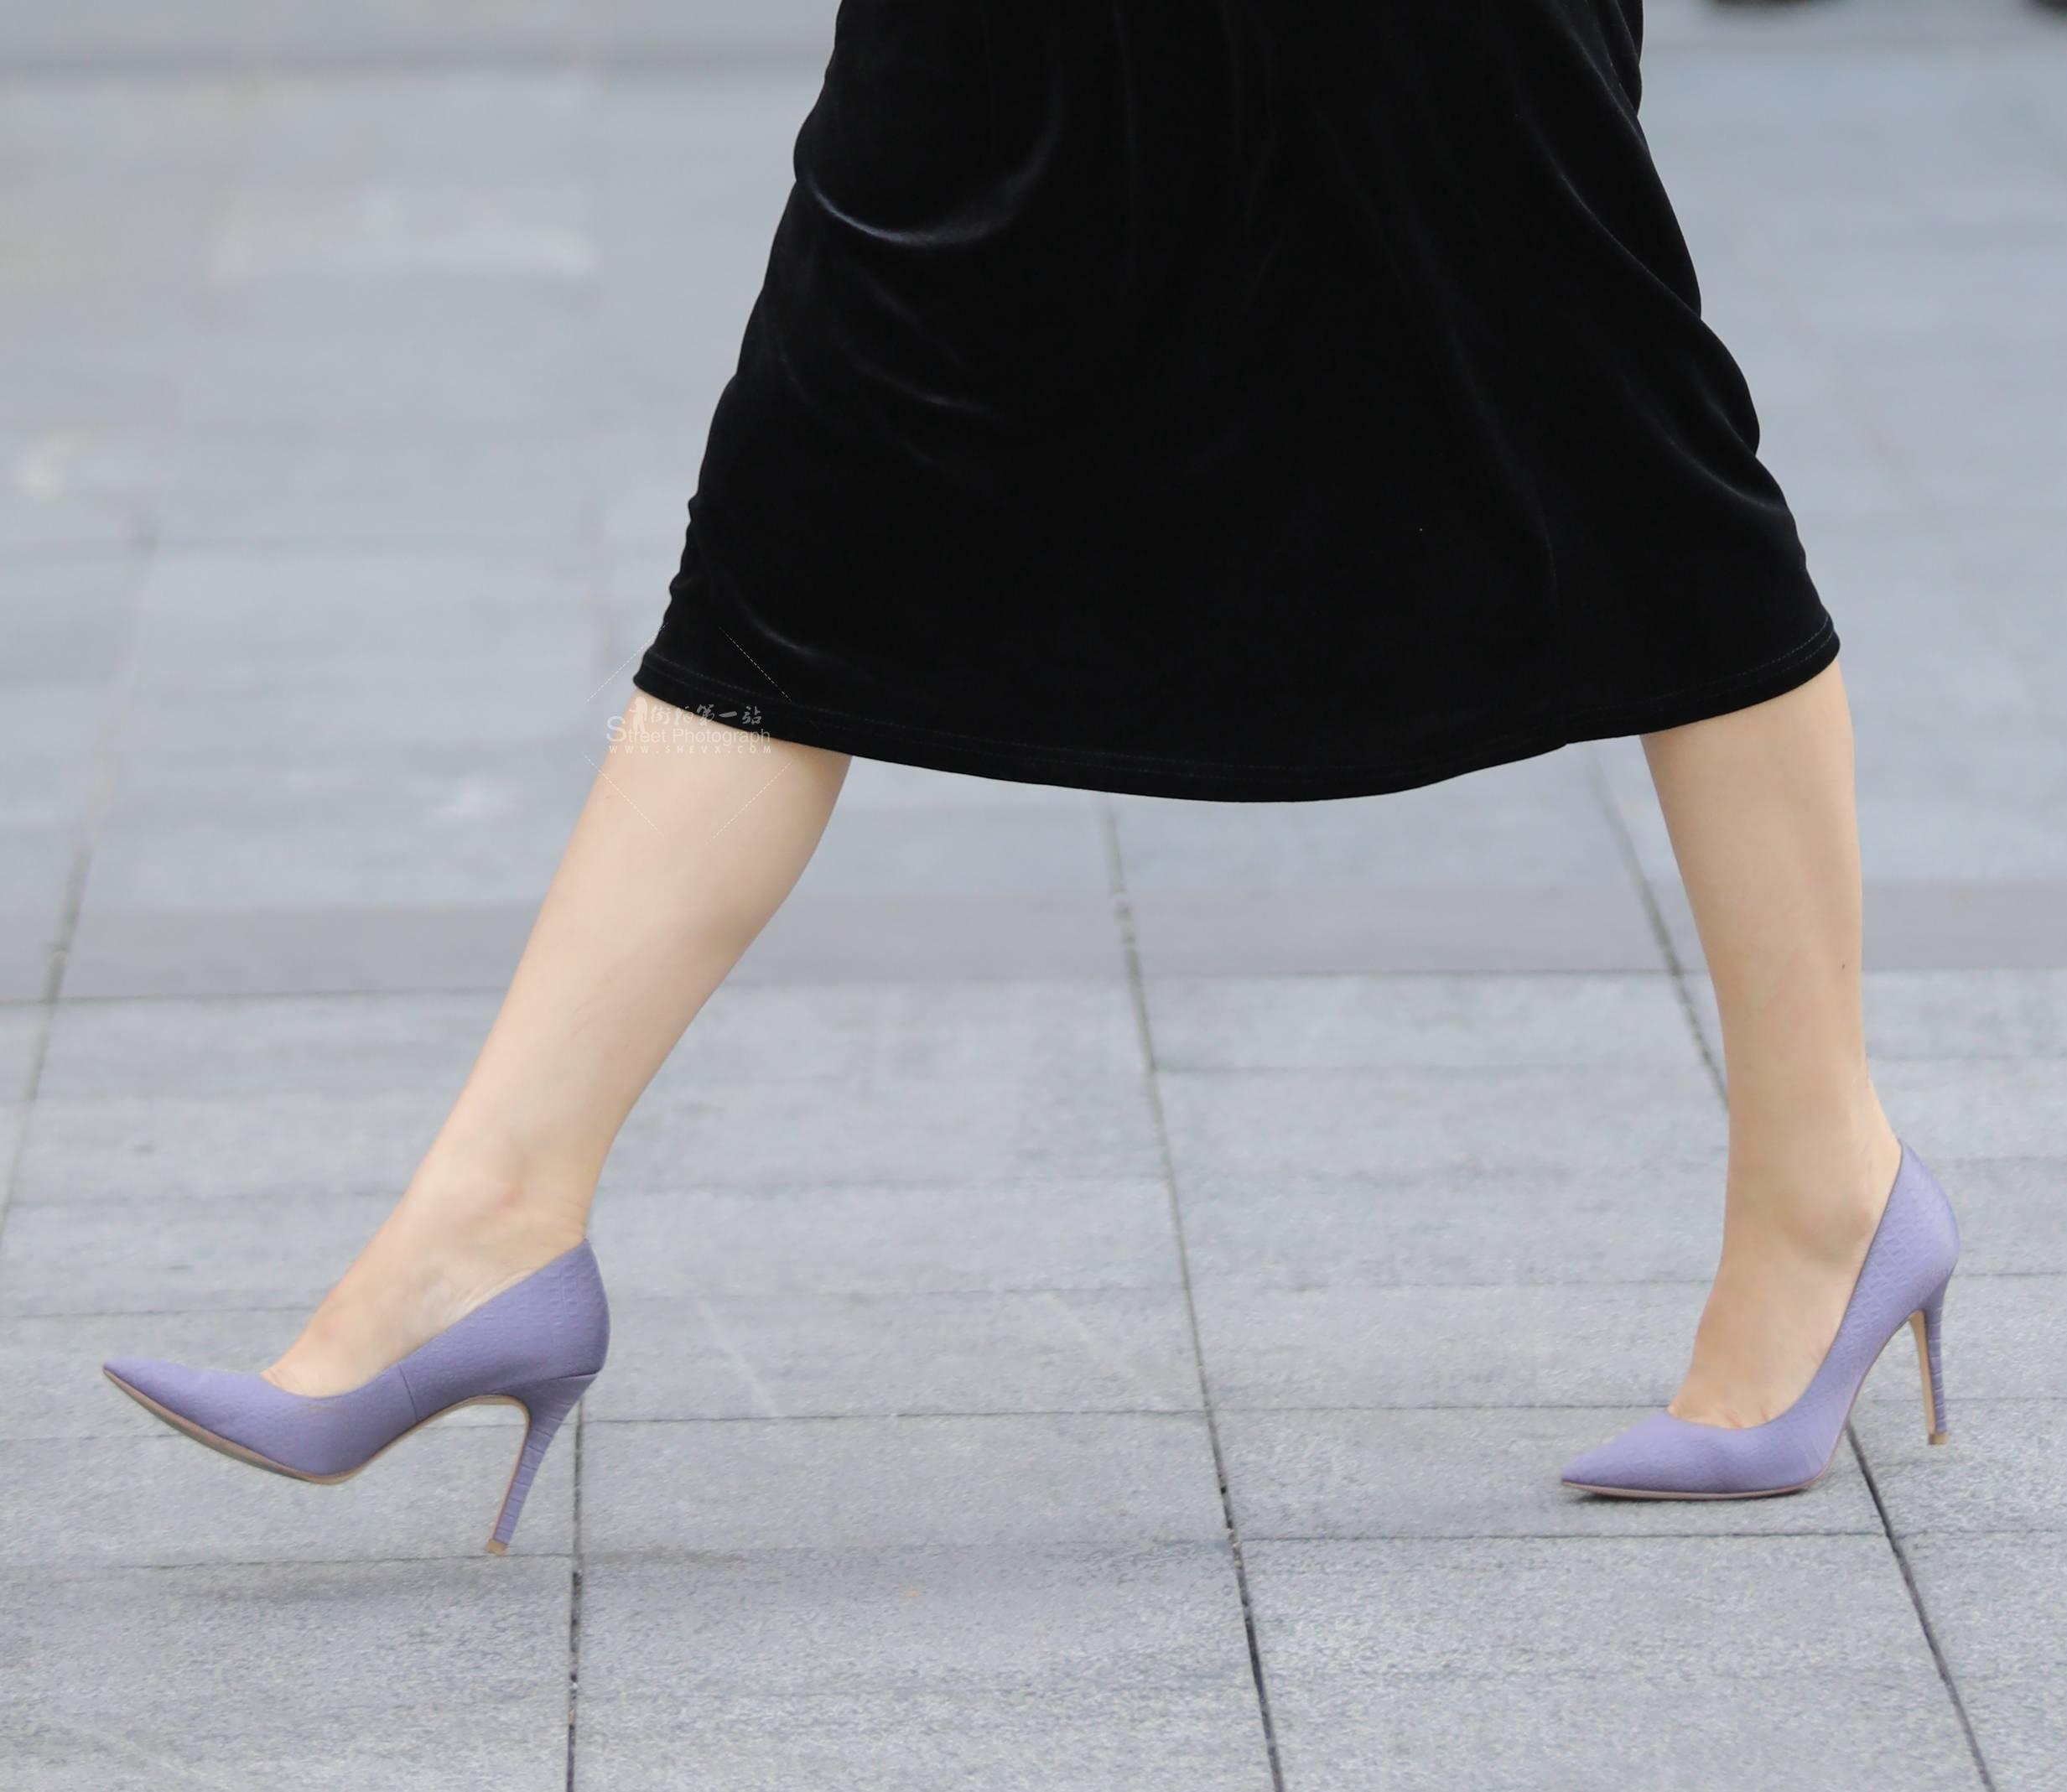 街拍高跟 【珏一笑而过】黑裙 高跟Shao Fu 最新街拍丝袜图片 街拍丝袜第一站